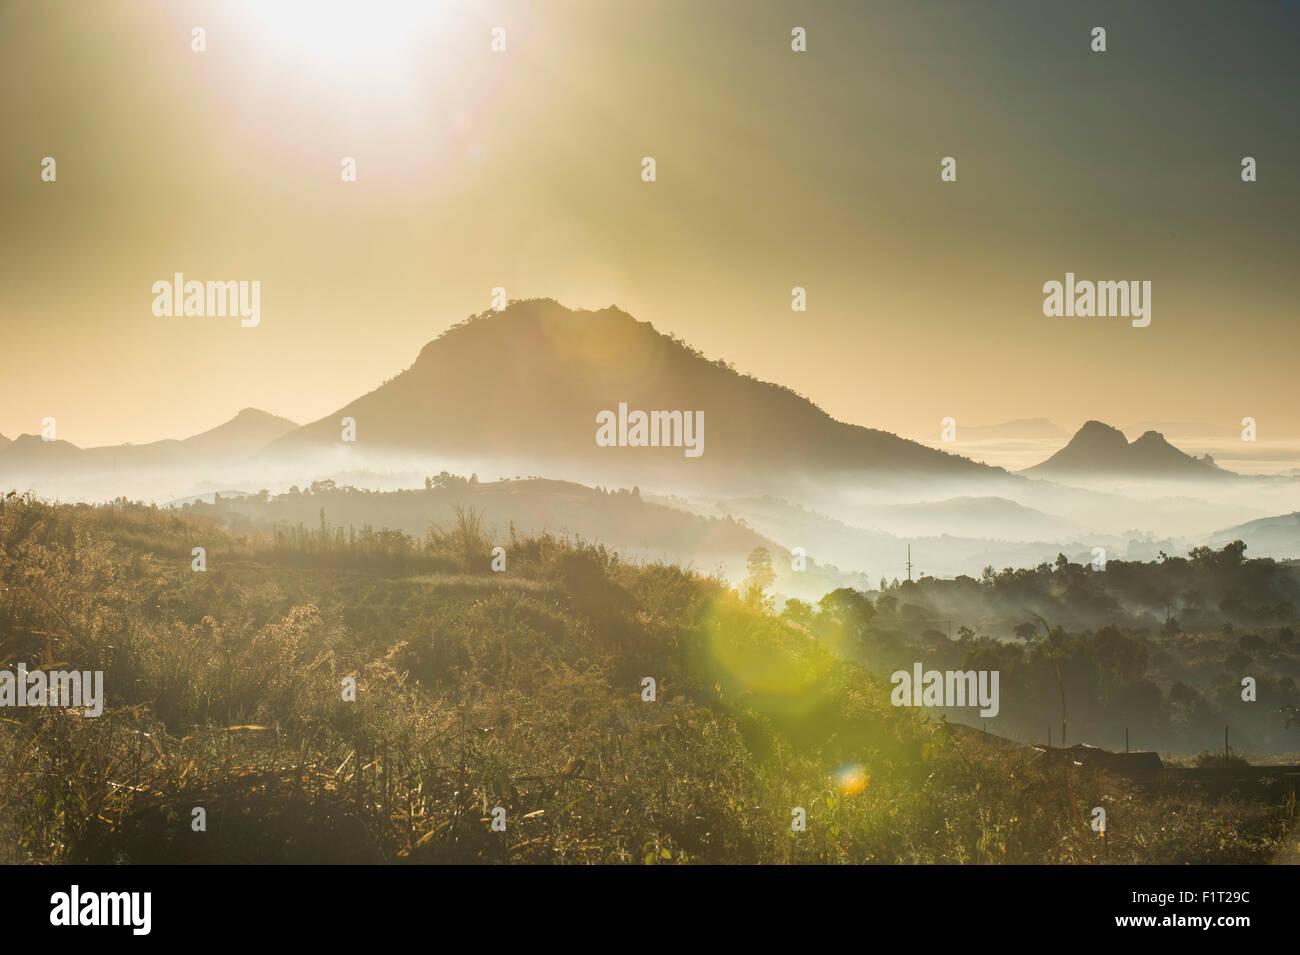 Lever du soleil et du brouillard sur les montagnes entourant Blantyre, Malawi, Afrique Photo Stock